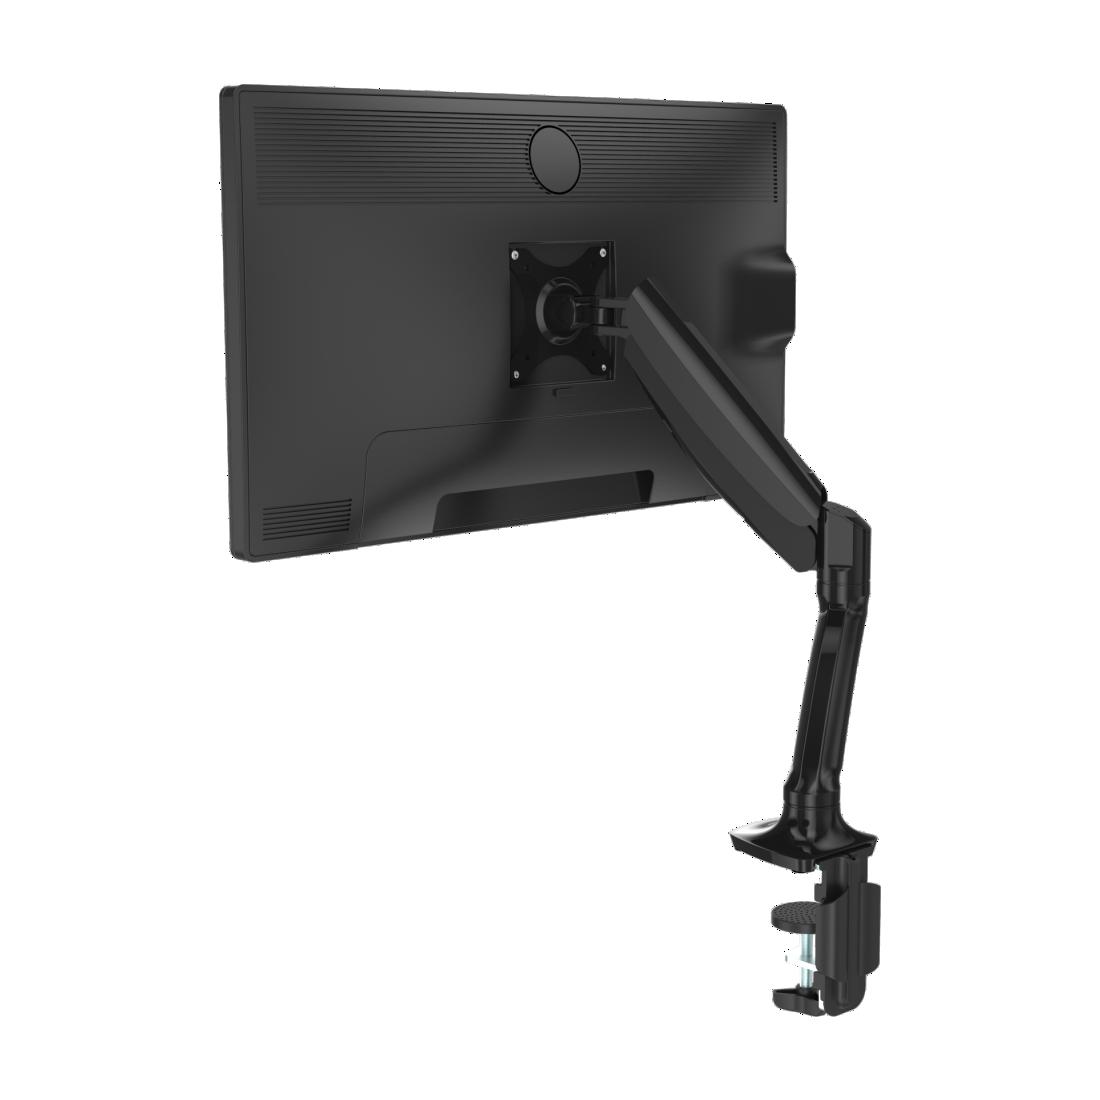 VNDLB502 black 1 - Delso - dětský, kancelářský a bytový nábytek